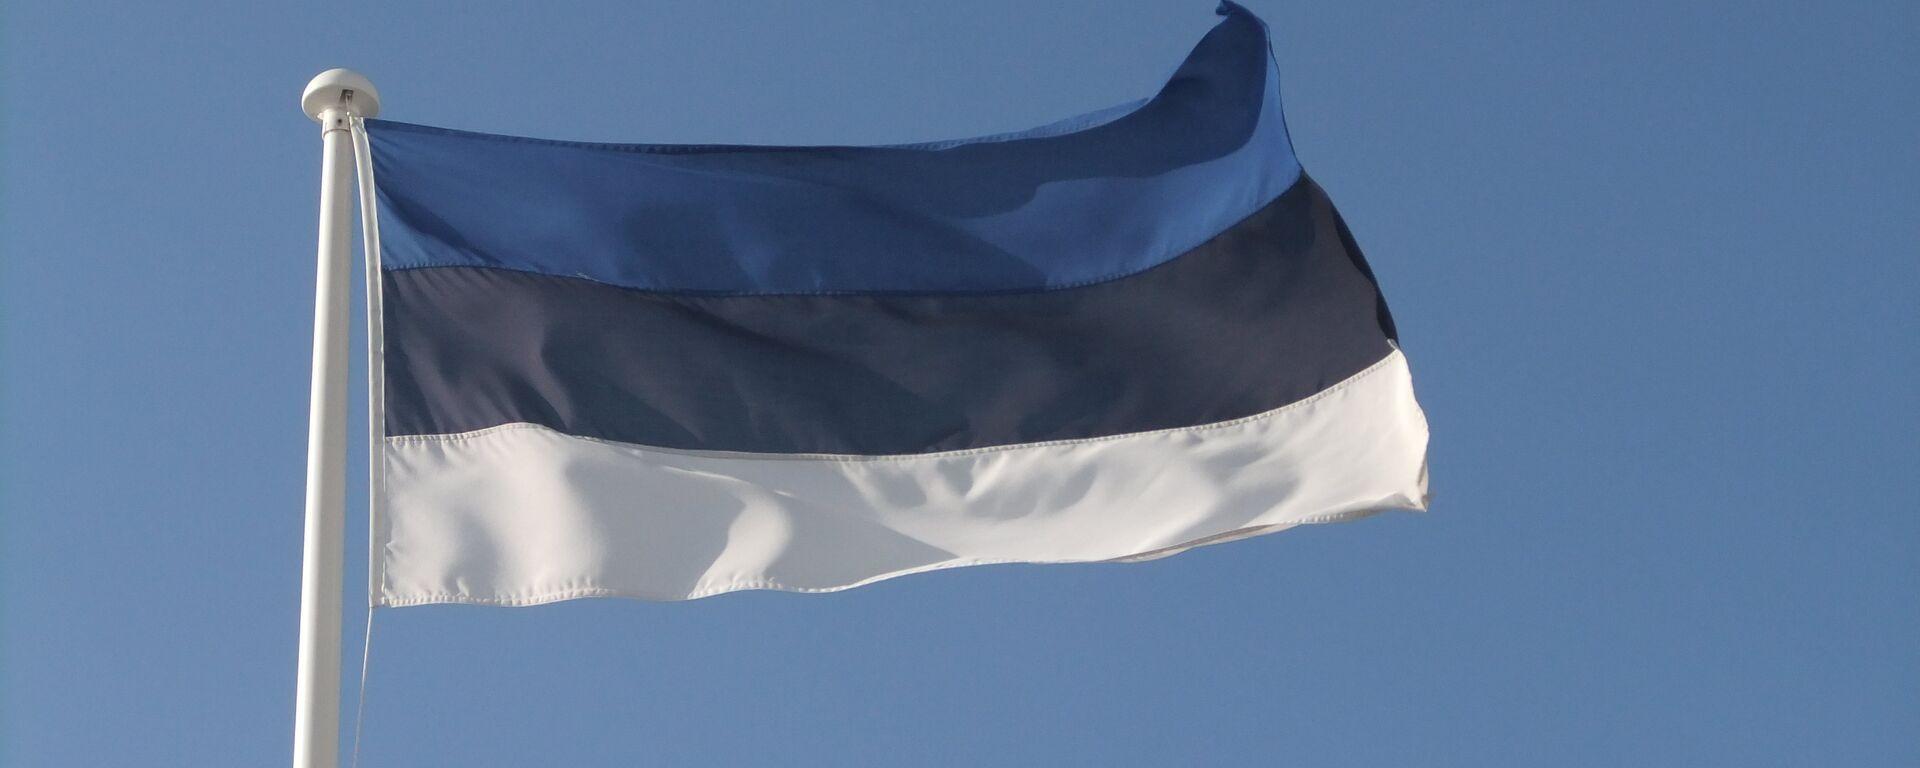 La bandiera estone - Sputnik Italia, 1920, 07.07.2021